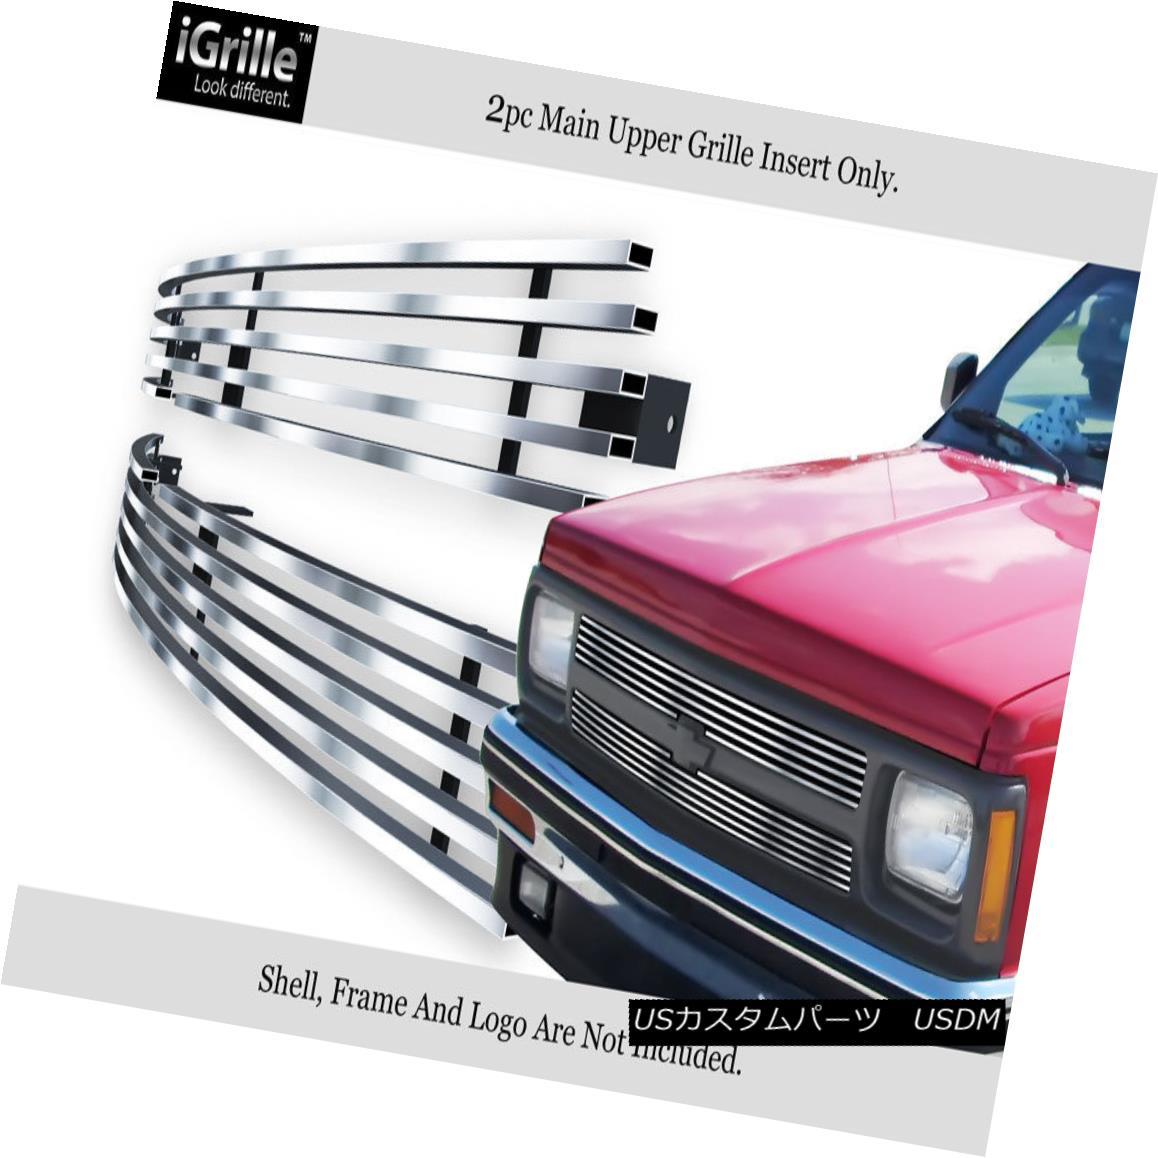 グリル For 91-92 Chevy S-10 S10 Pickup/S-10 Blazer Stainless Steel Billet Grille 91-92シボレーS-10 S10ピックアップ/ S-10ブレイザーステンレス鋼ビレットグリル